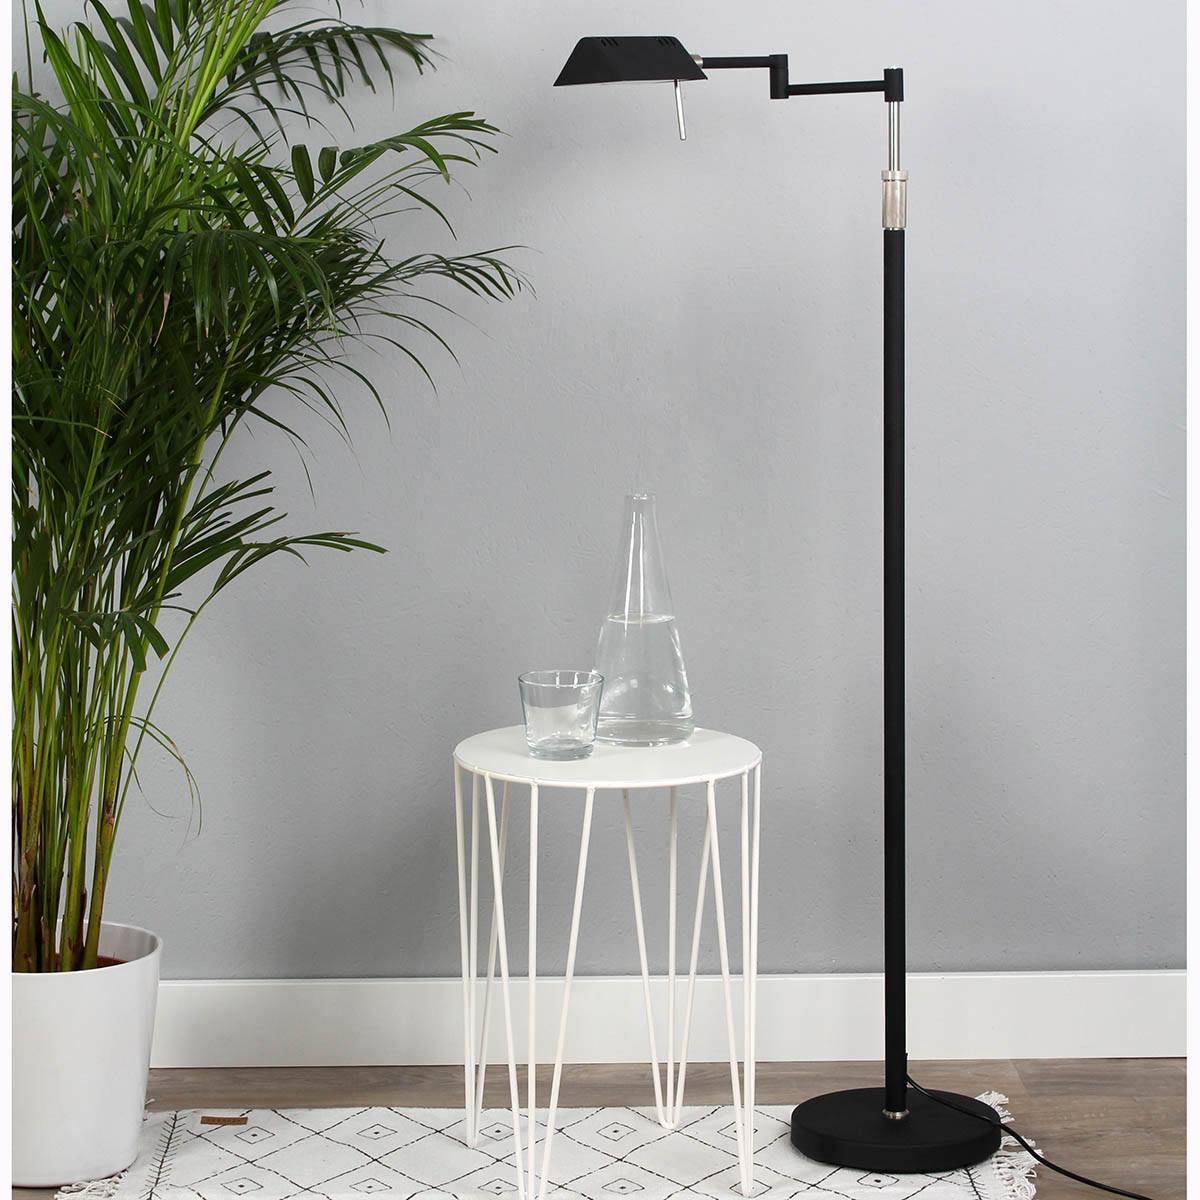 Leuke zwarte vloerlamp met verstelbare kap van Steinhauer, bij Webo Verlichting in Beuningen bij Nijmegen.